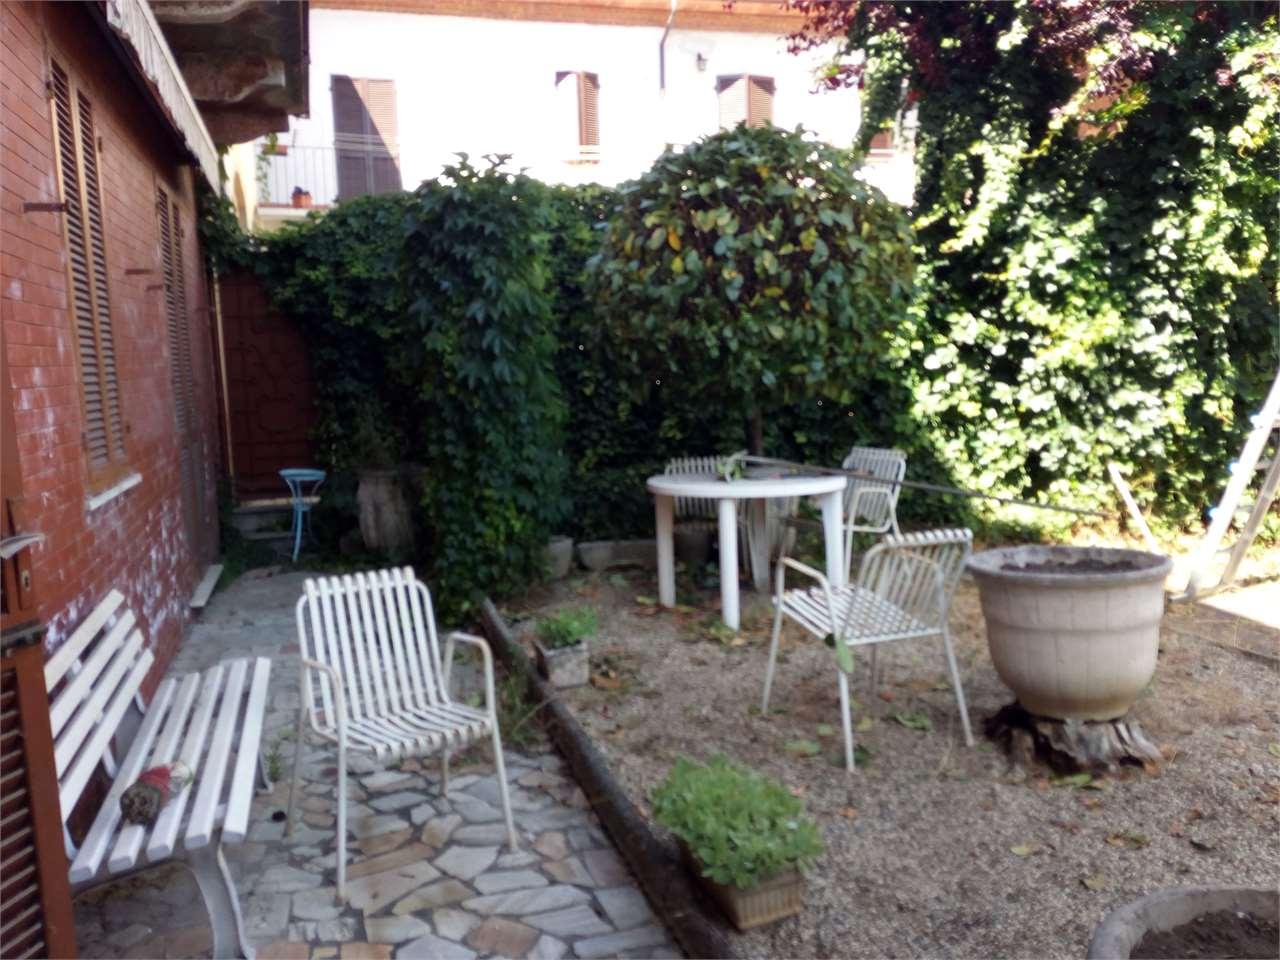 Soluzione Indipendente in vendita a Pietra Marazzi, 9 locali, prezzo € 68.000 | PortaleAgenzieImmobiliari.it